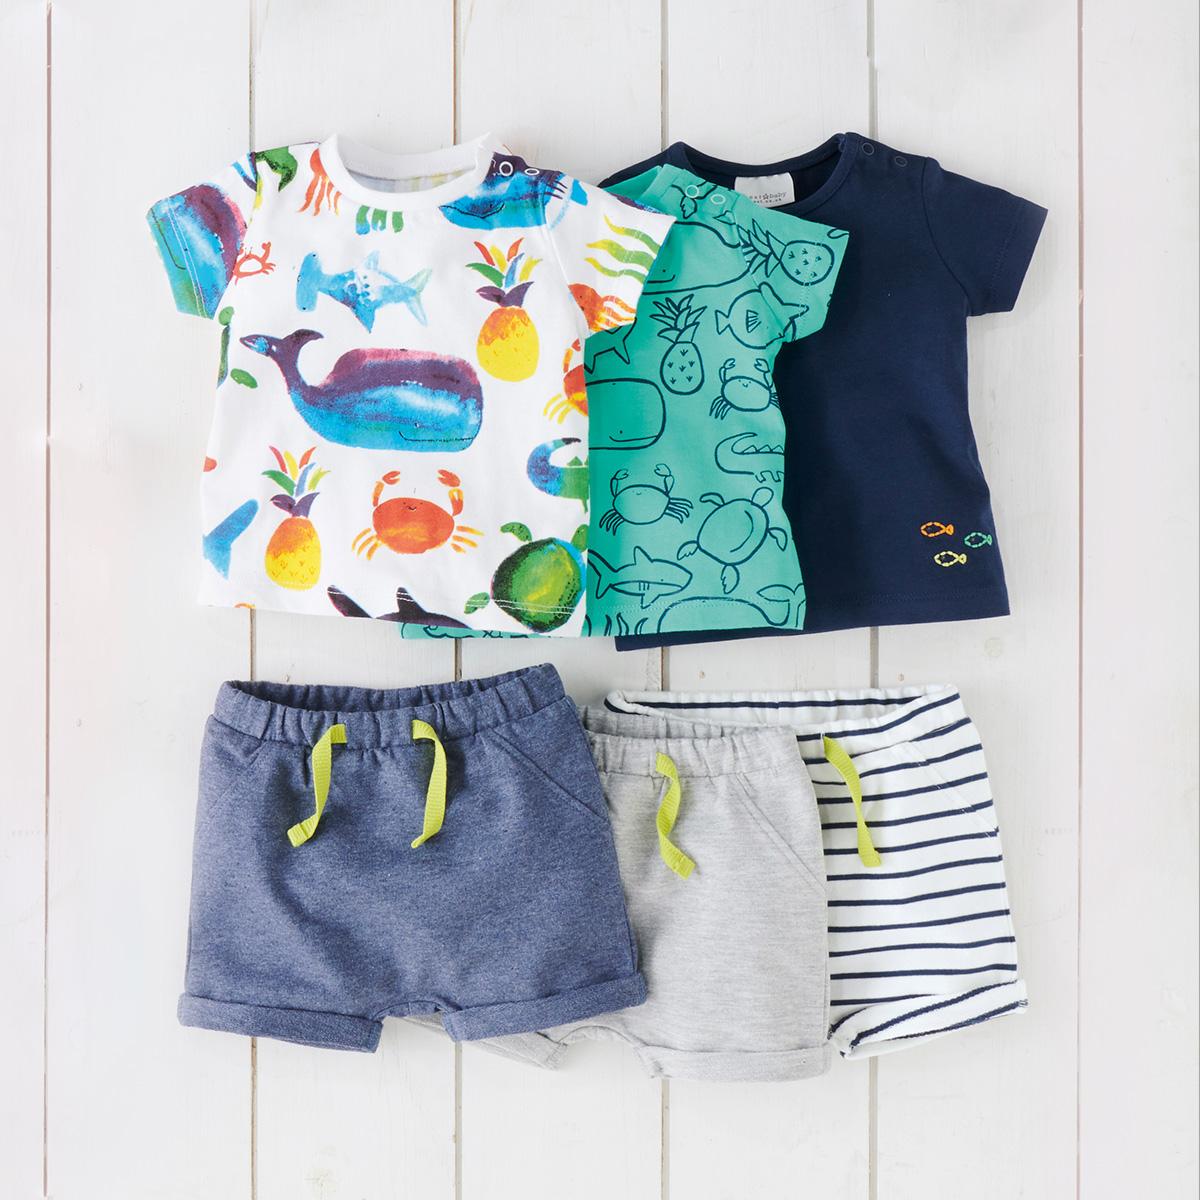 c749c35163eb Baby Boy Clothes